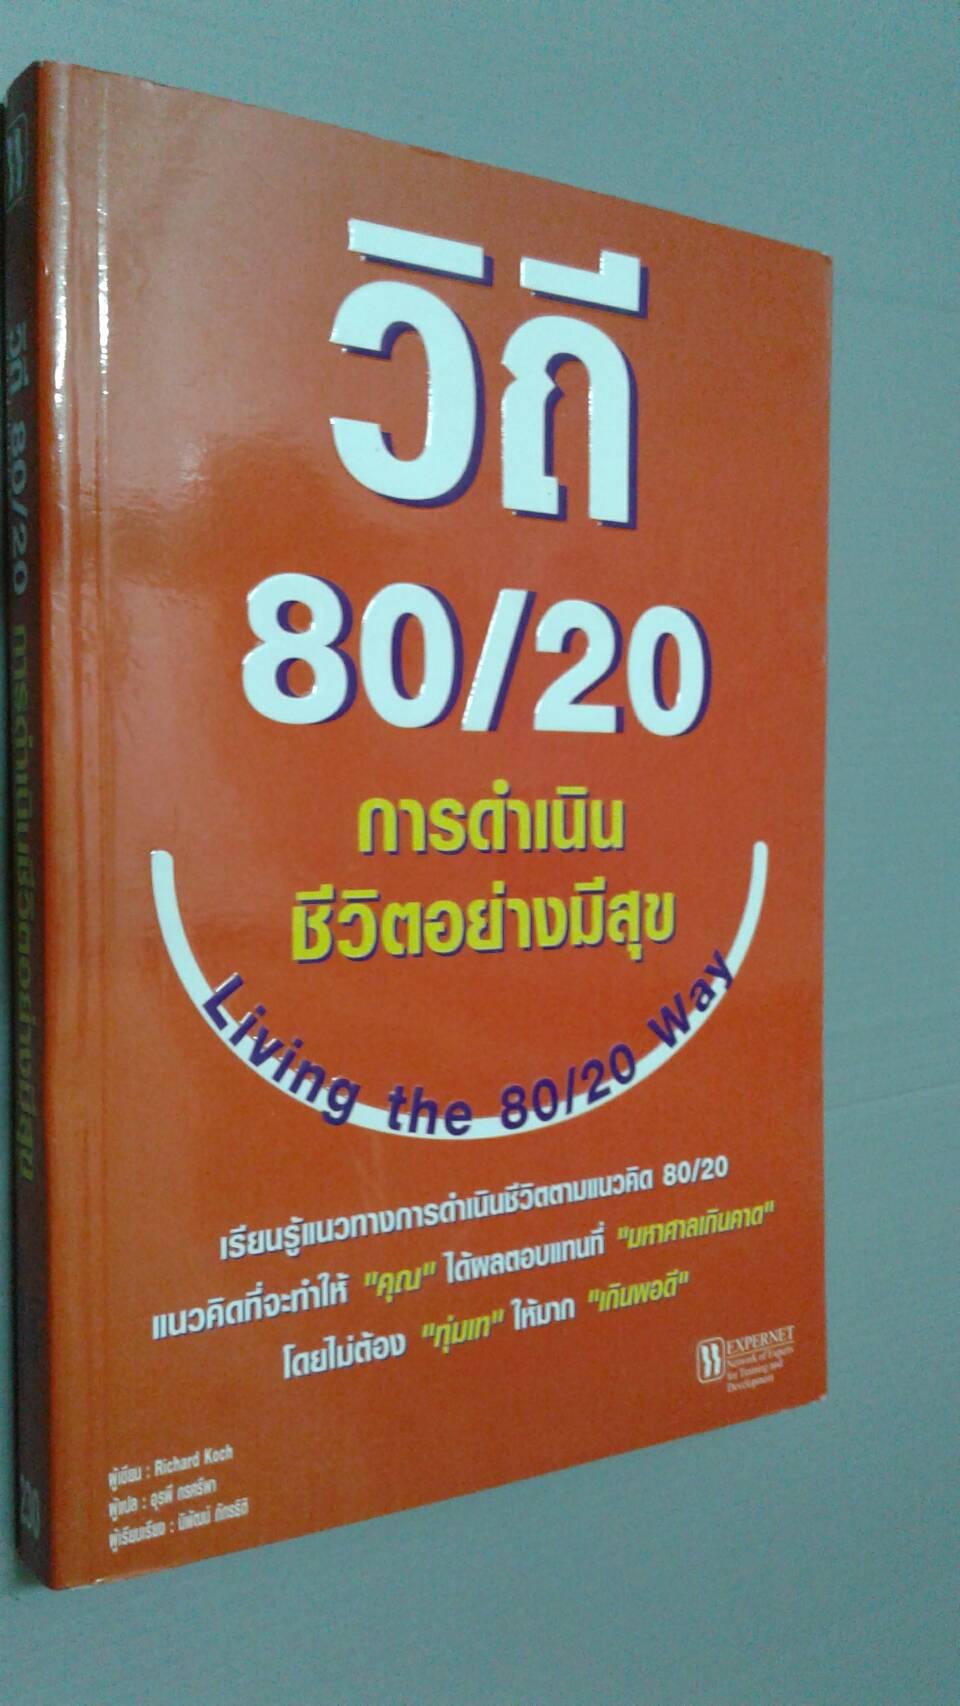 วิถี 80/20 การดำเนินชีวิตอย่างมีสุข : Living the 80/20 Way